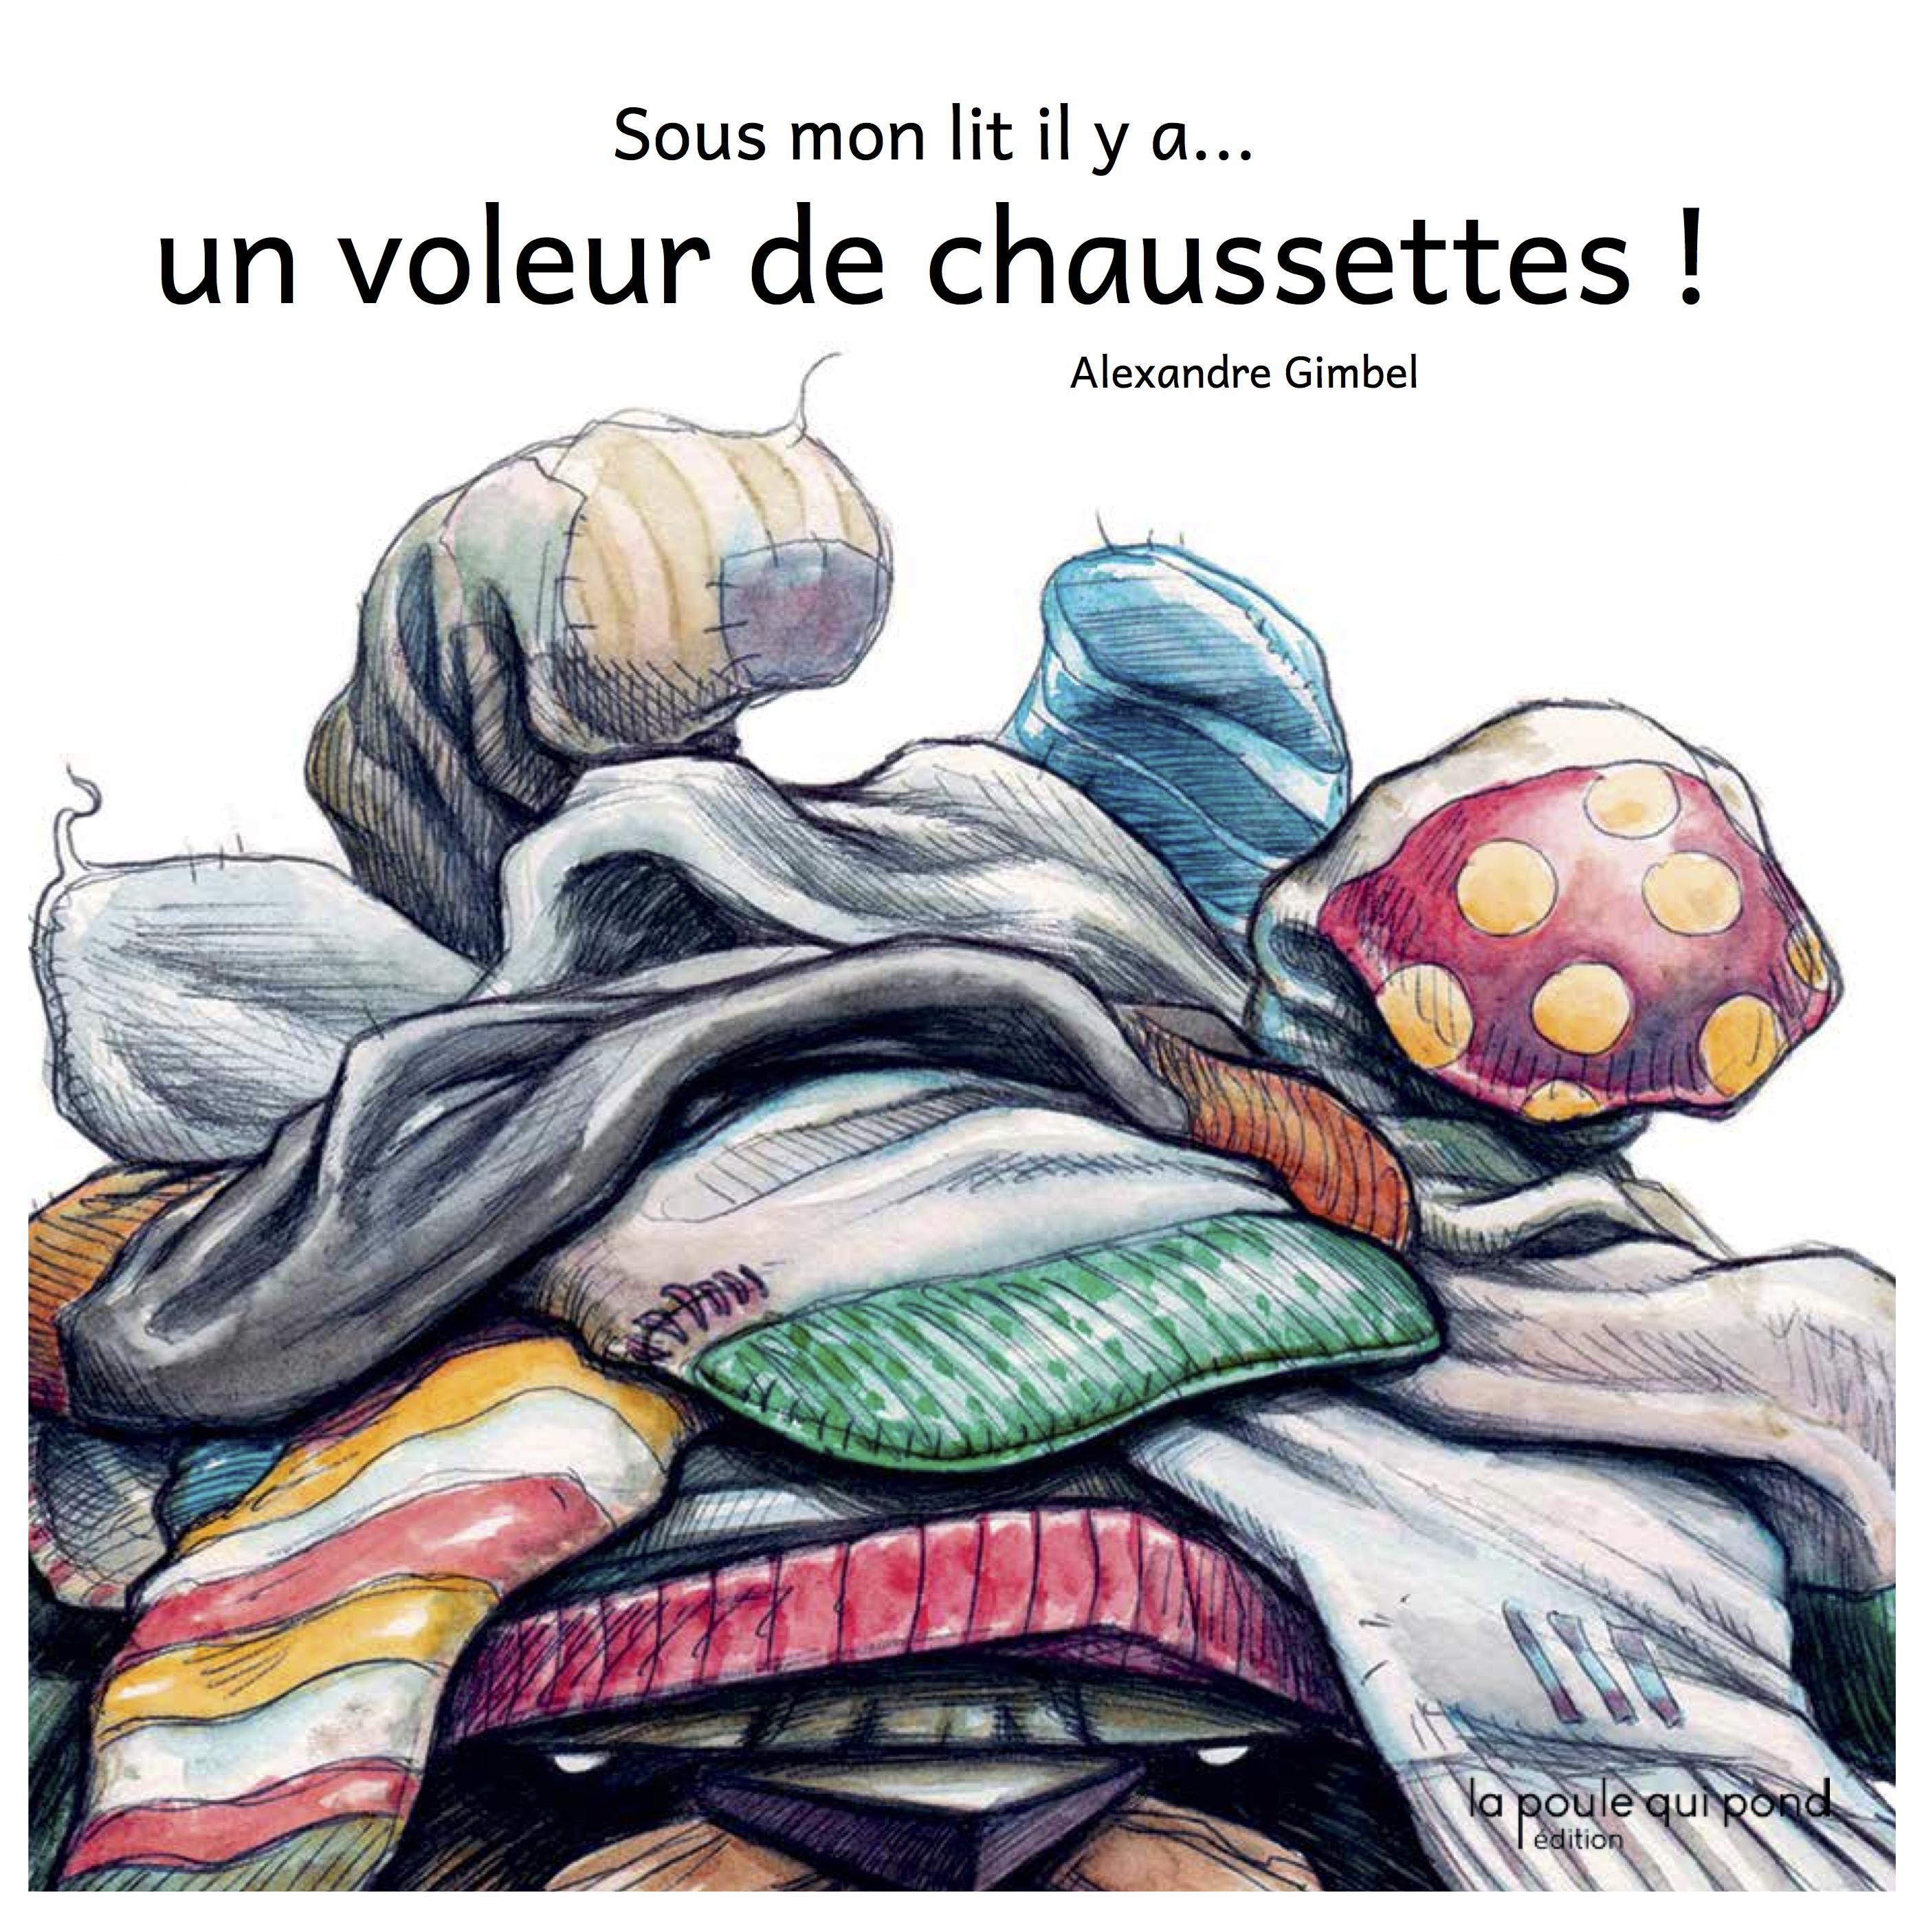 Sous mon lit il y a un voleur de chaussettes par Alexandre Gimbel - éditions la poule qui pond